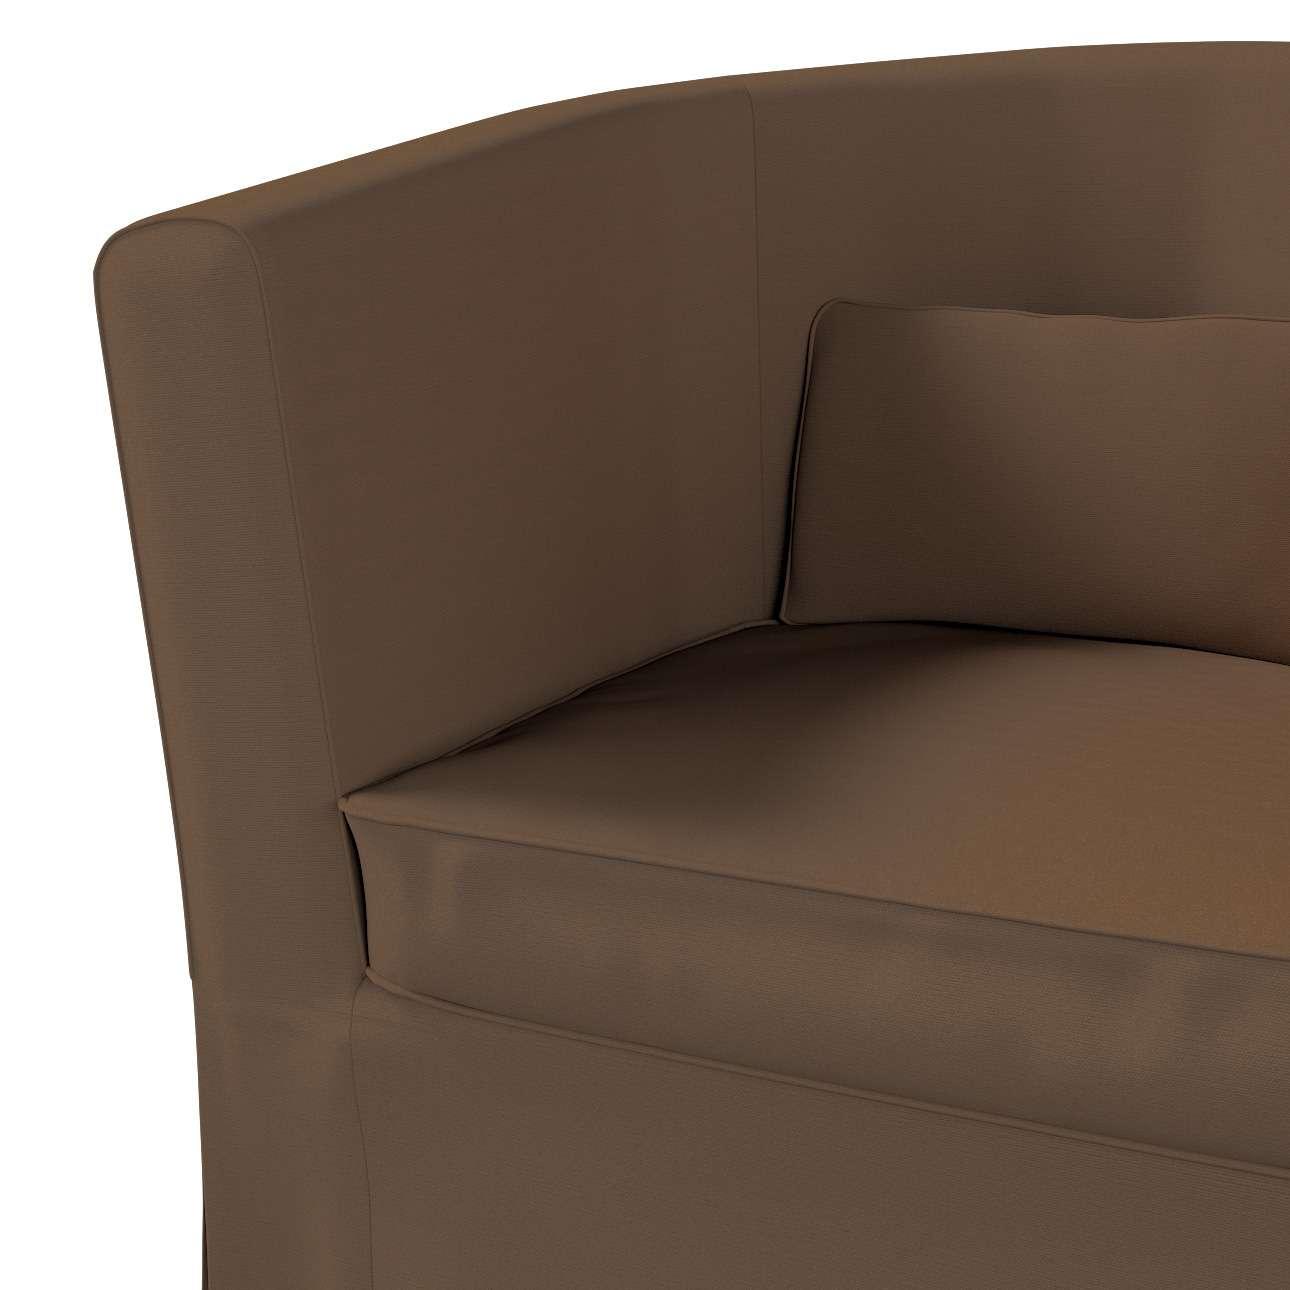 Pokrowiec na fotel Ektorp Tullsta w kolekcji Cotton Panama, tkanina: 702-02